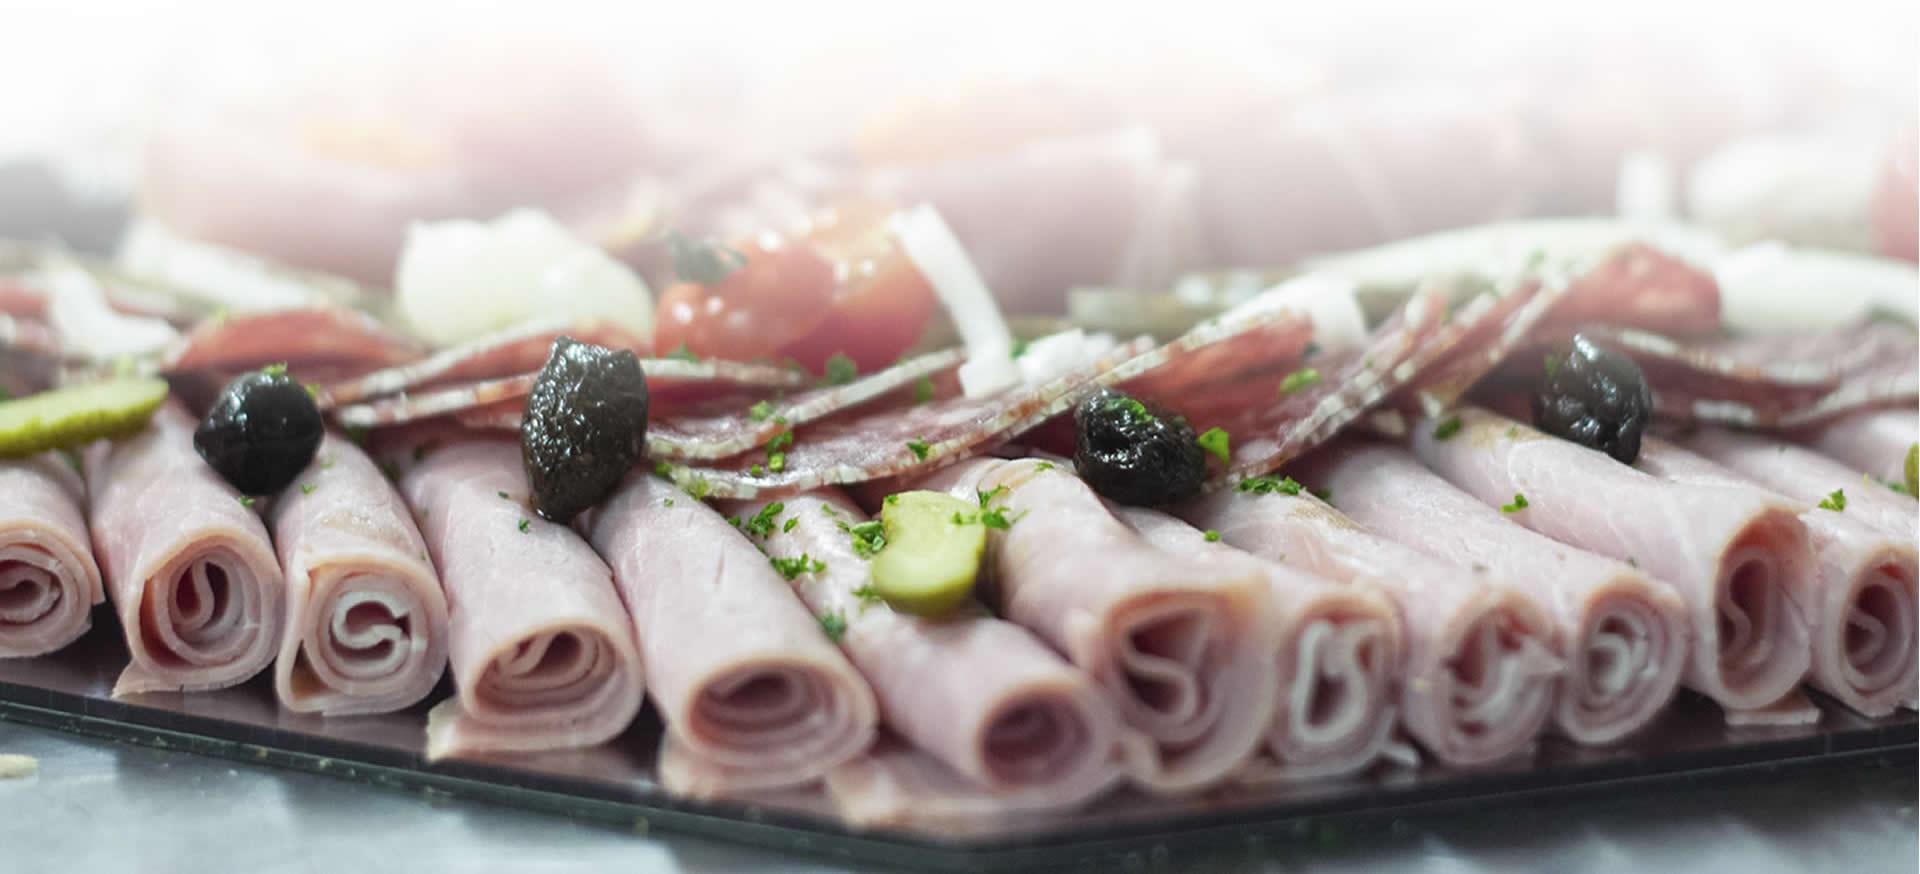 Les Fins Gourmets_plateau de charcuterie_traiteur_buffet froid